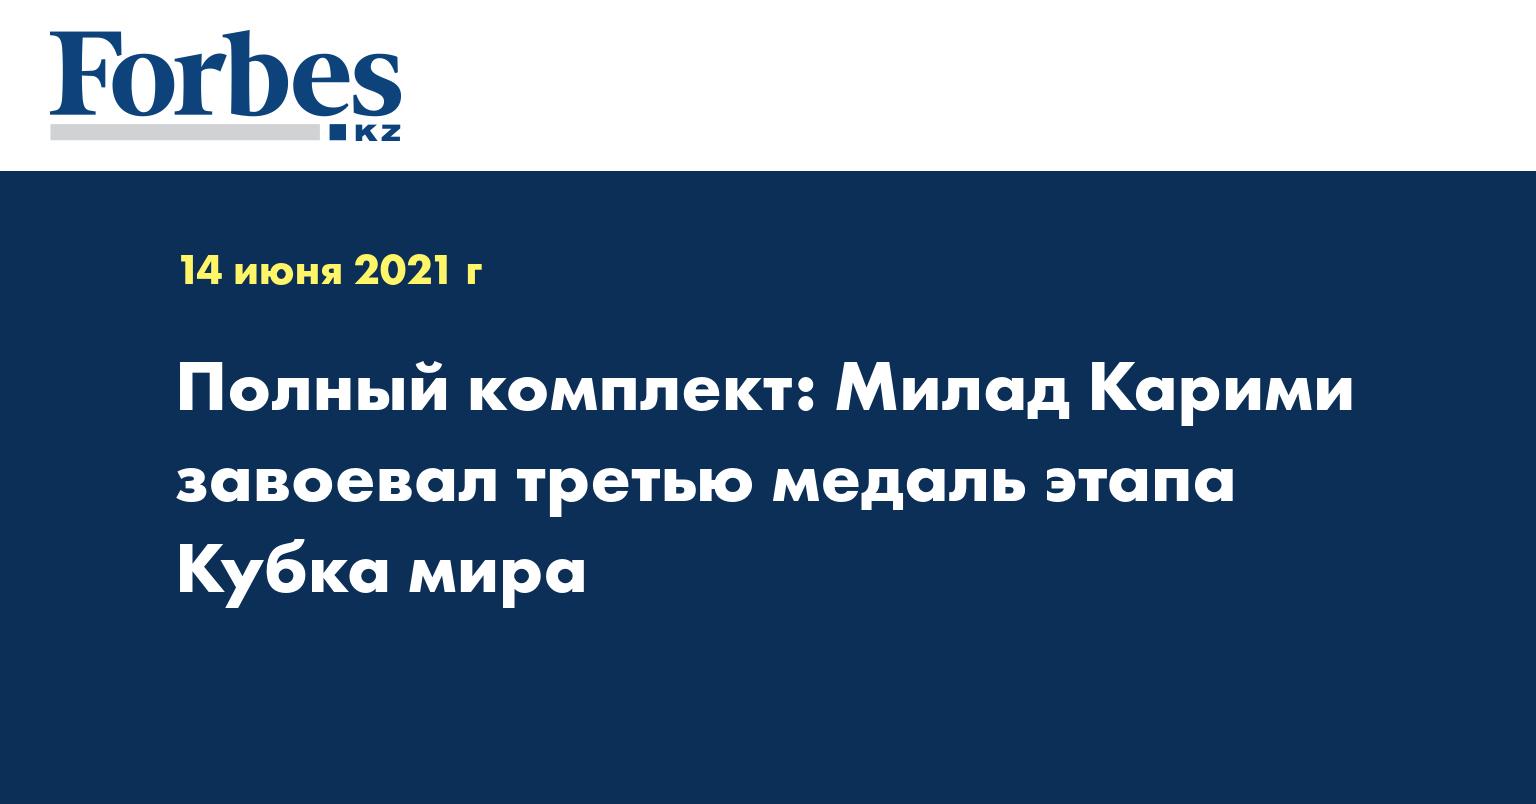 Полный комплект: Милад Карими завоевал третью медаль этапа Кубка мира